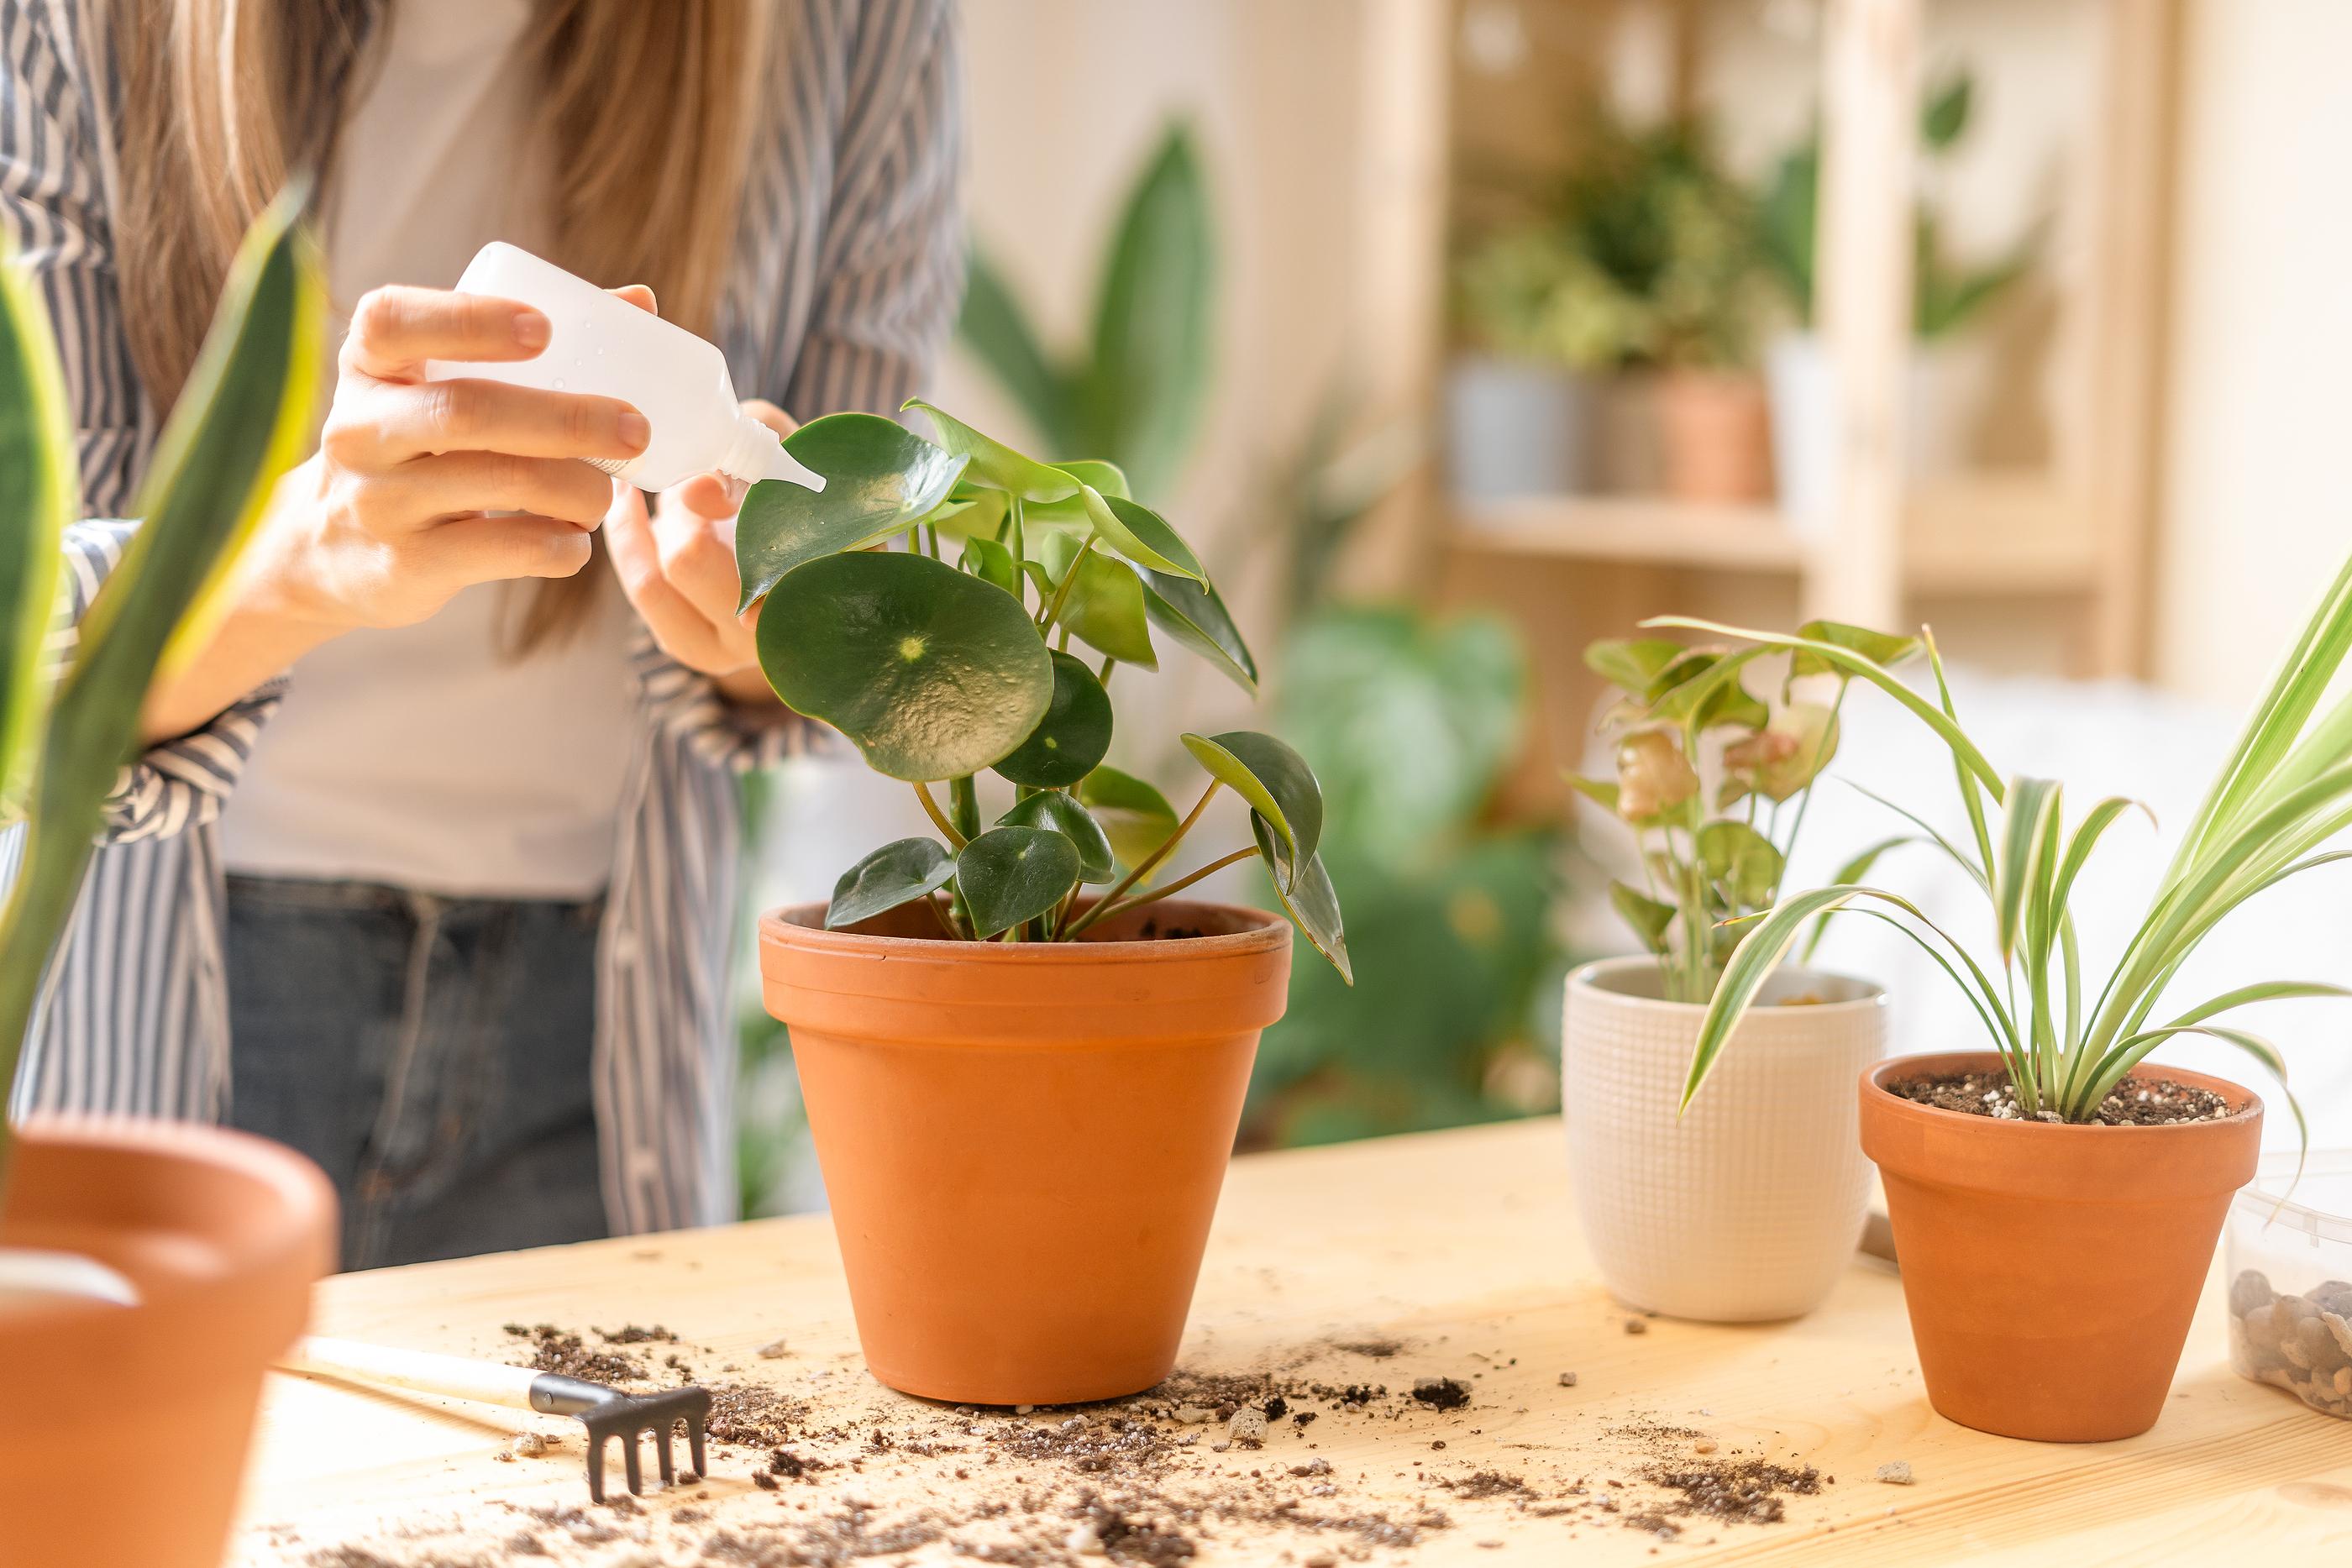 jardinagem-paisagismo-plantas-flores-horta-casa-apartamento-pucpr-curso-gratuito-online